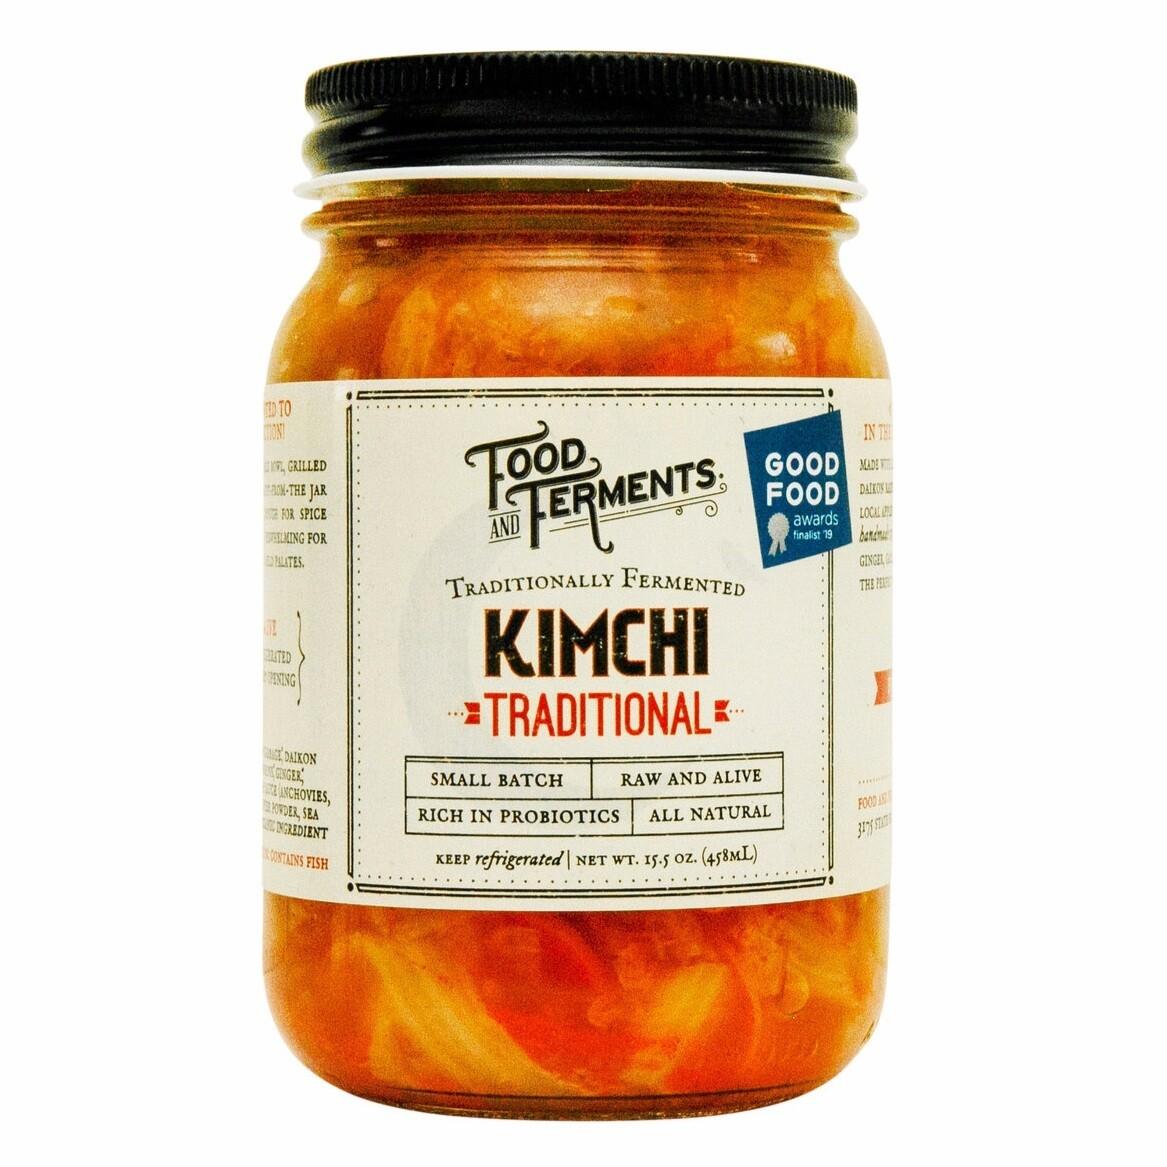 Kimchi - Food and Ferments - Truxton, NY